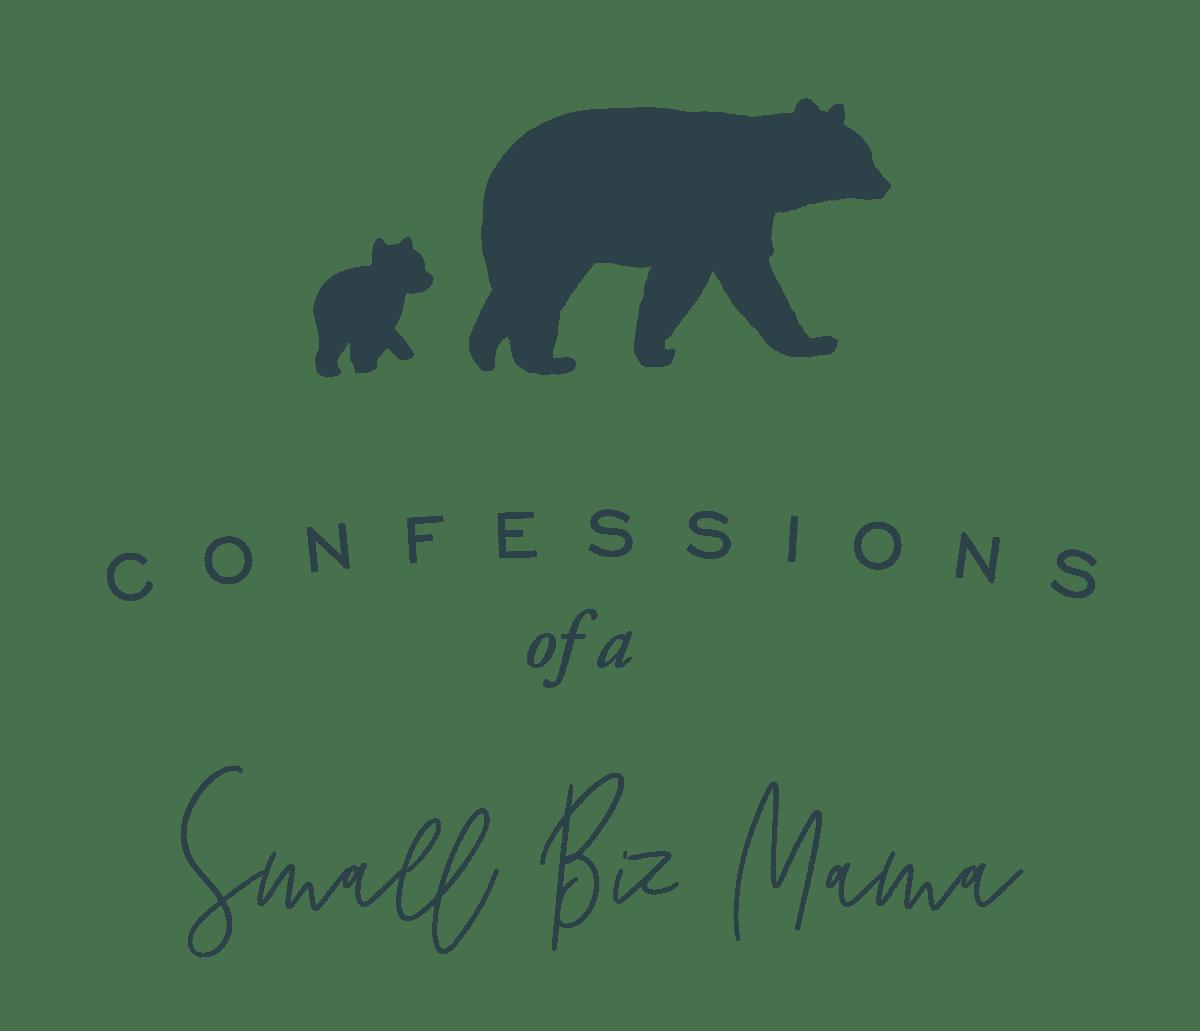 Small Biz Mama Logo